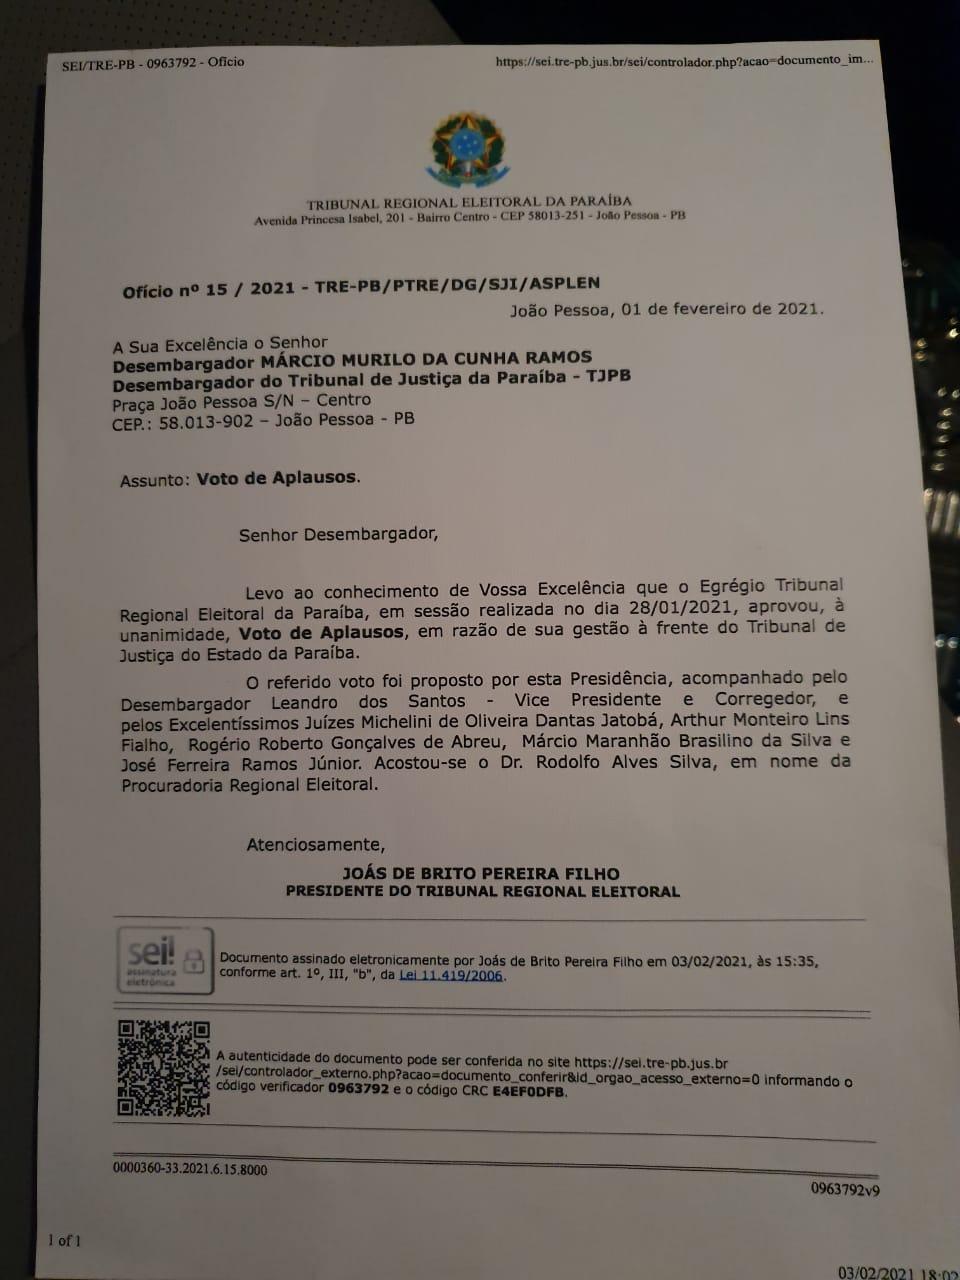 WhatsApp Image 2021 05 04 at 09.45.55 - TRE-PB aprova 'Votos de Aplausos' ao ex-presidente do TJPB, desembargador Márcio Murilo - VEJA DOCUMENTO